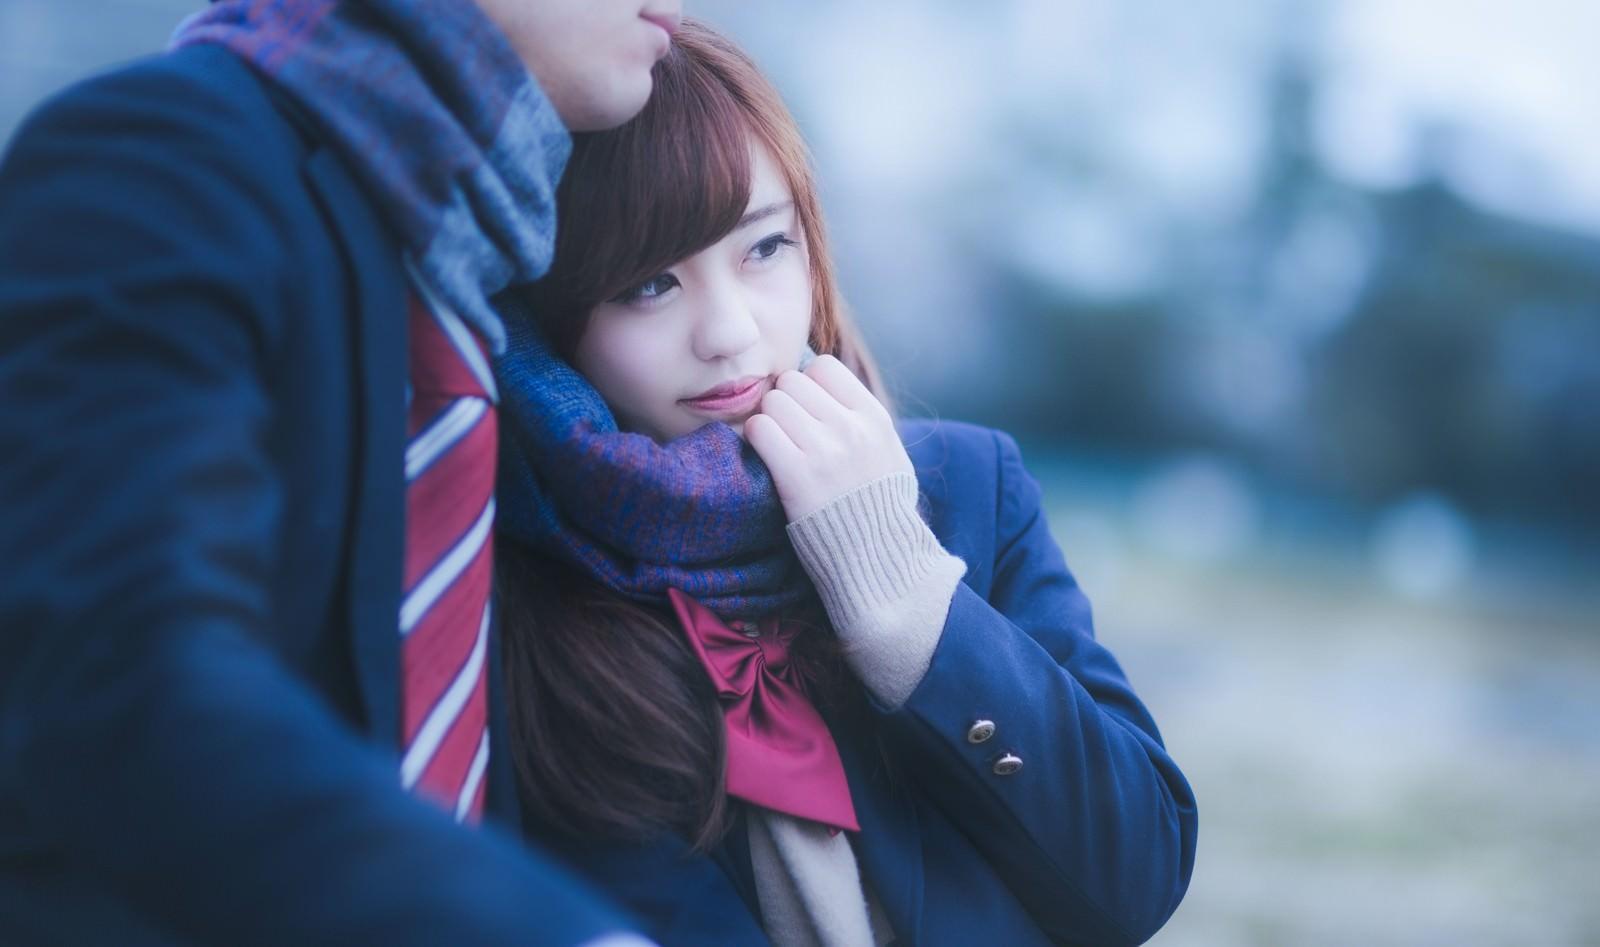 「「ずっと一緒だよ・・」彼のマフラーをぎゅっと掴んだ女子高生」の写真[モデル:河村友歌]